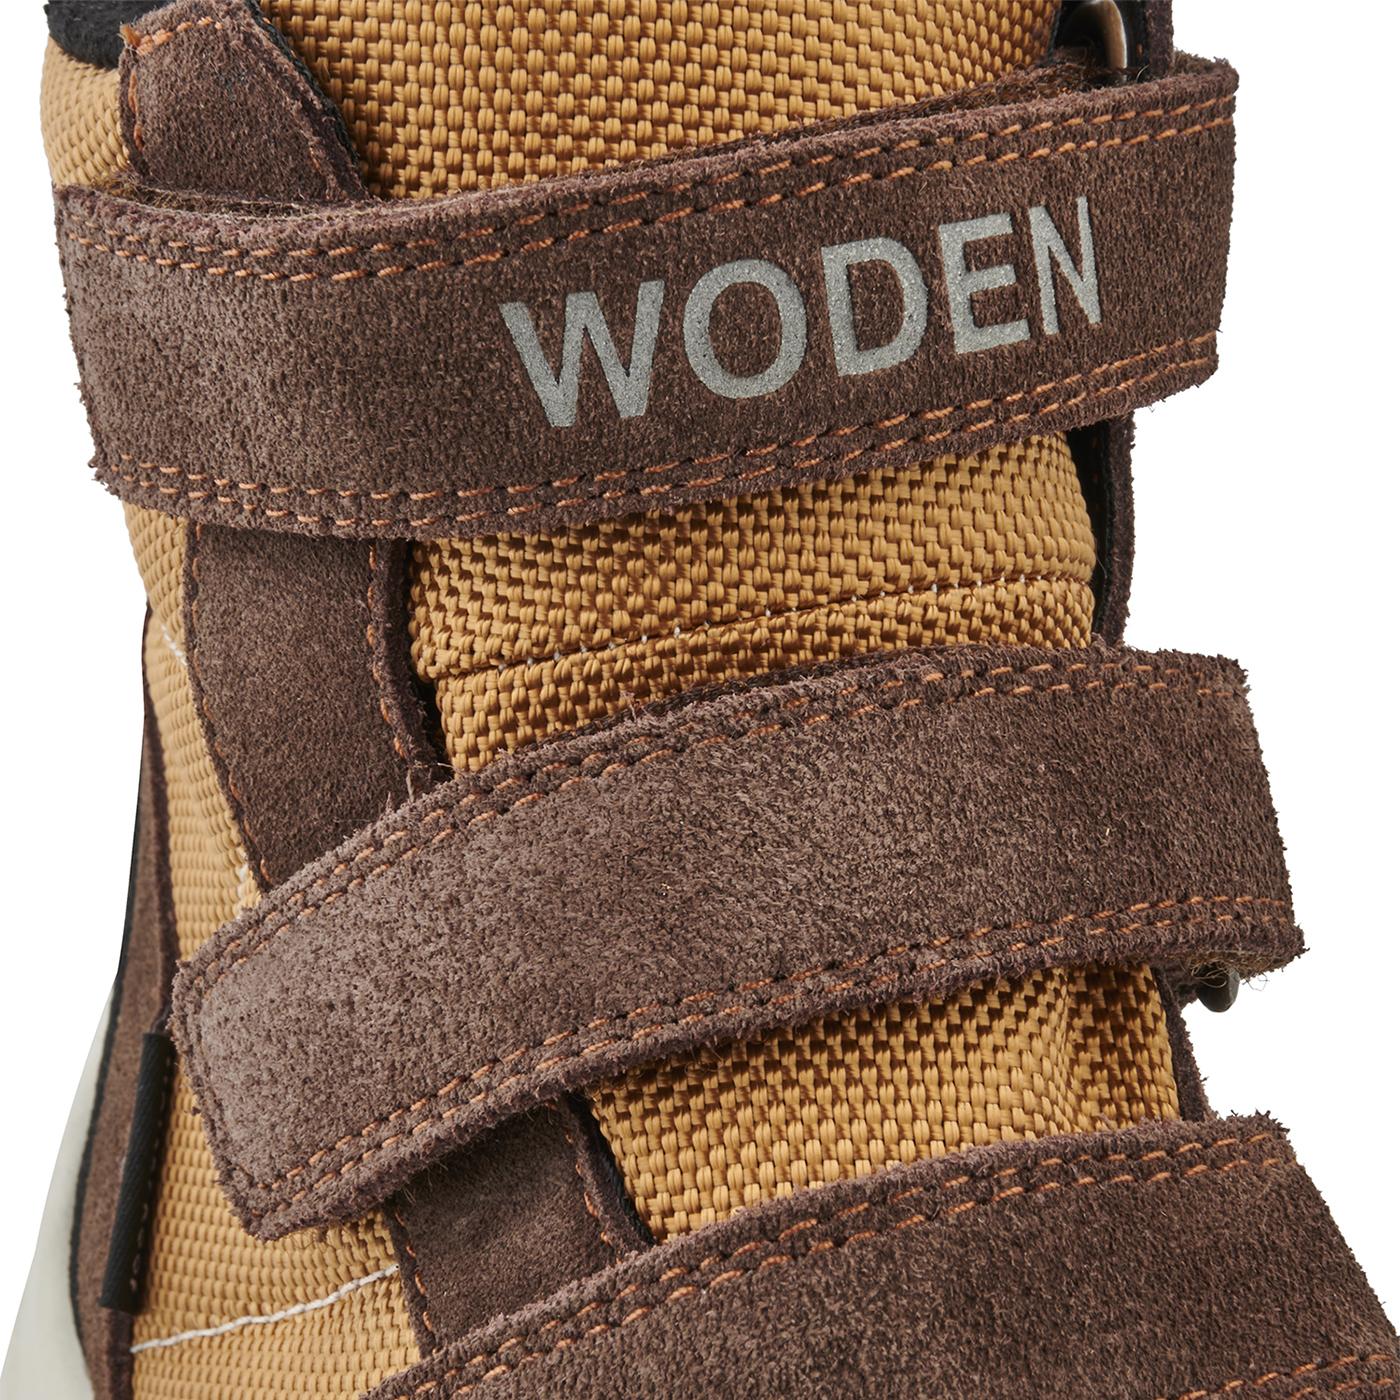 Woden WW9050 Boots, Doe, 34